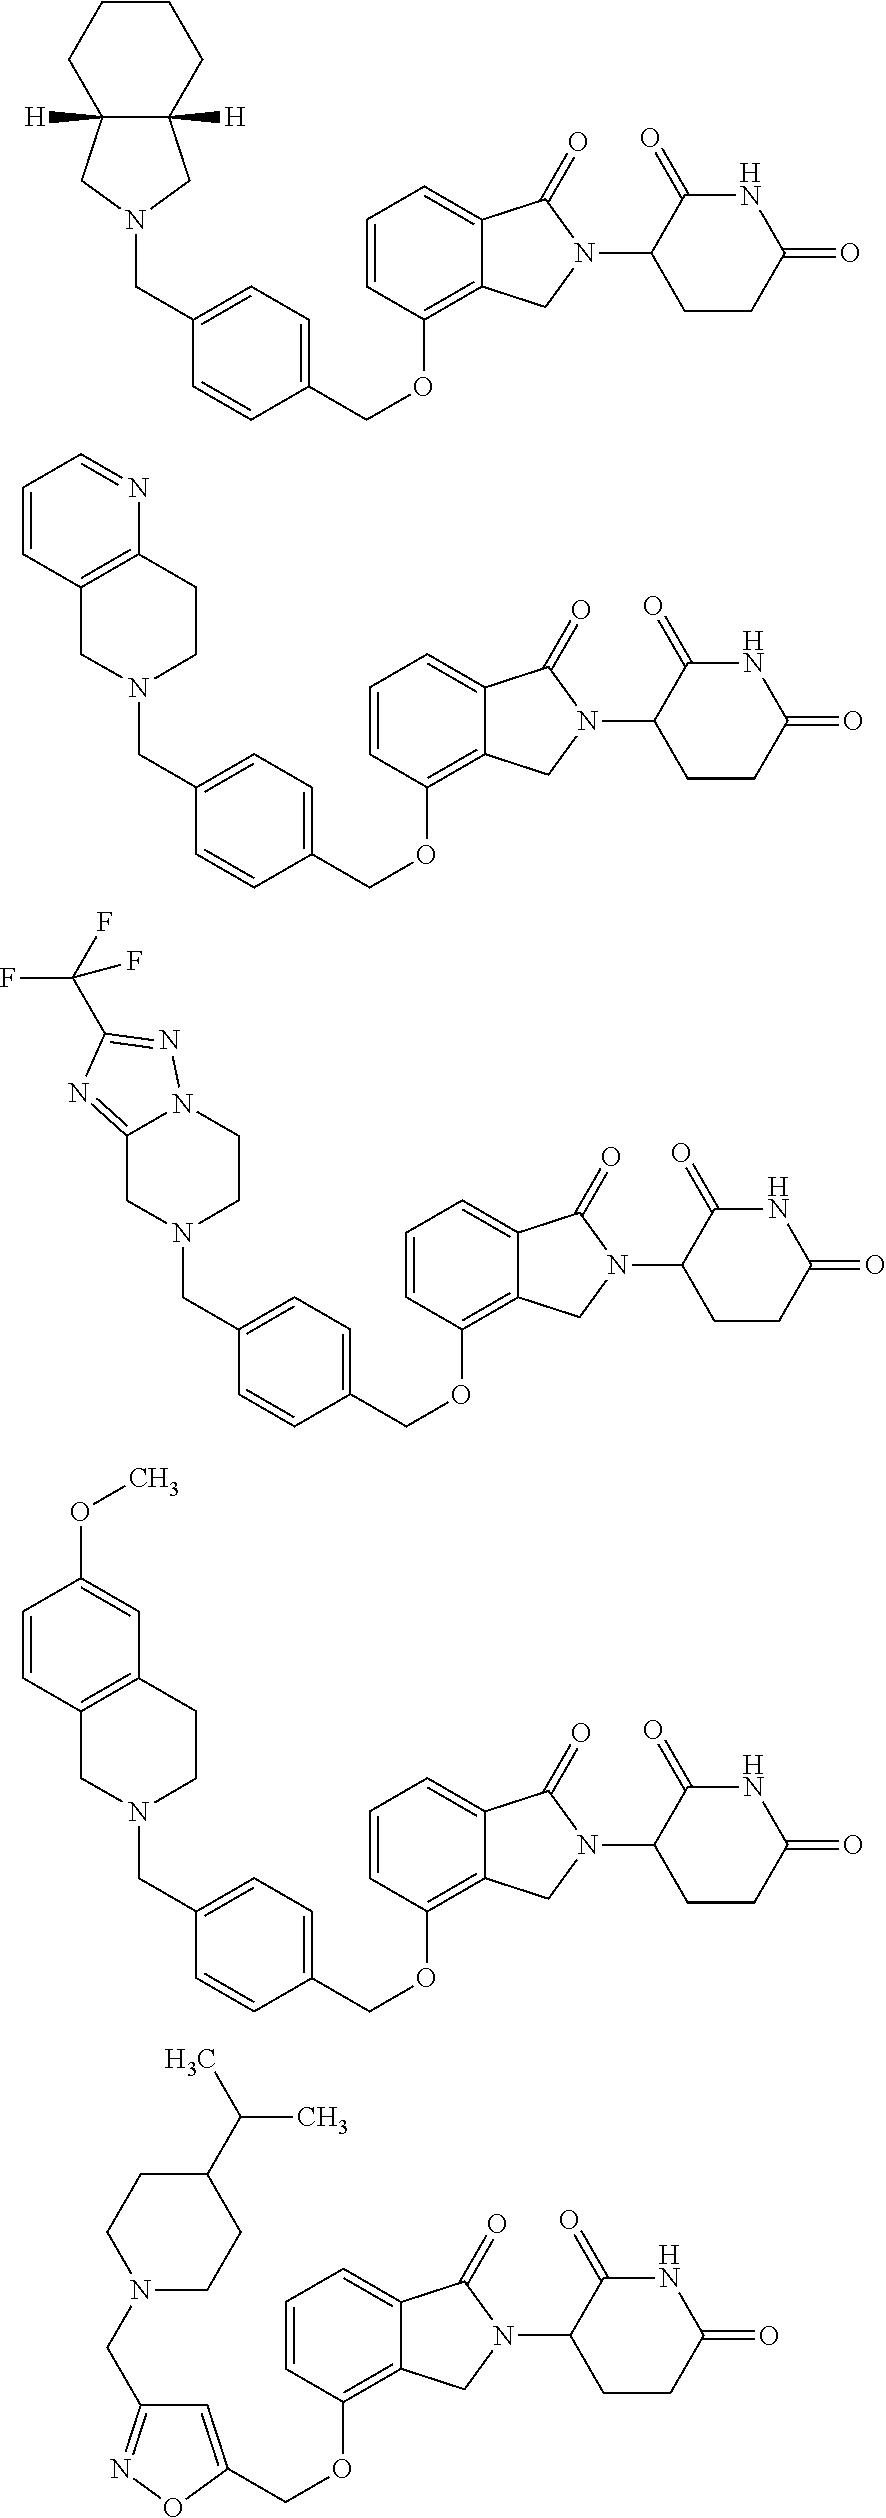 Figure US09822094-20171121-C00013